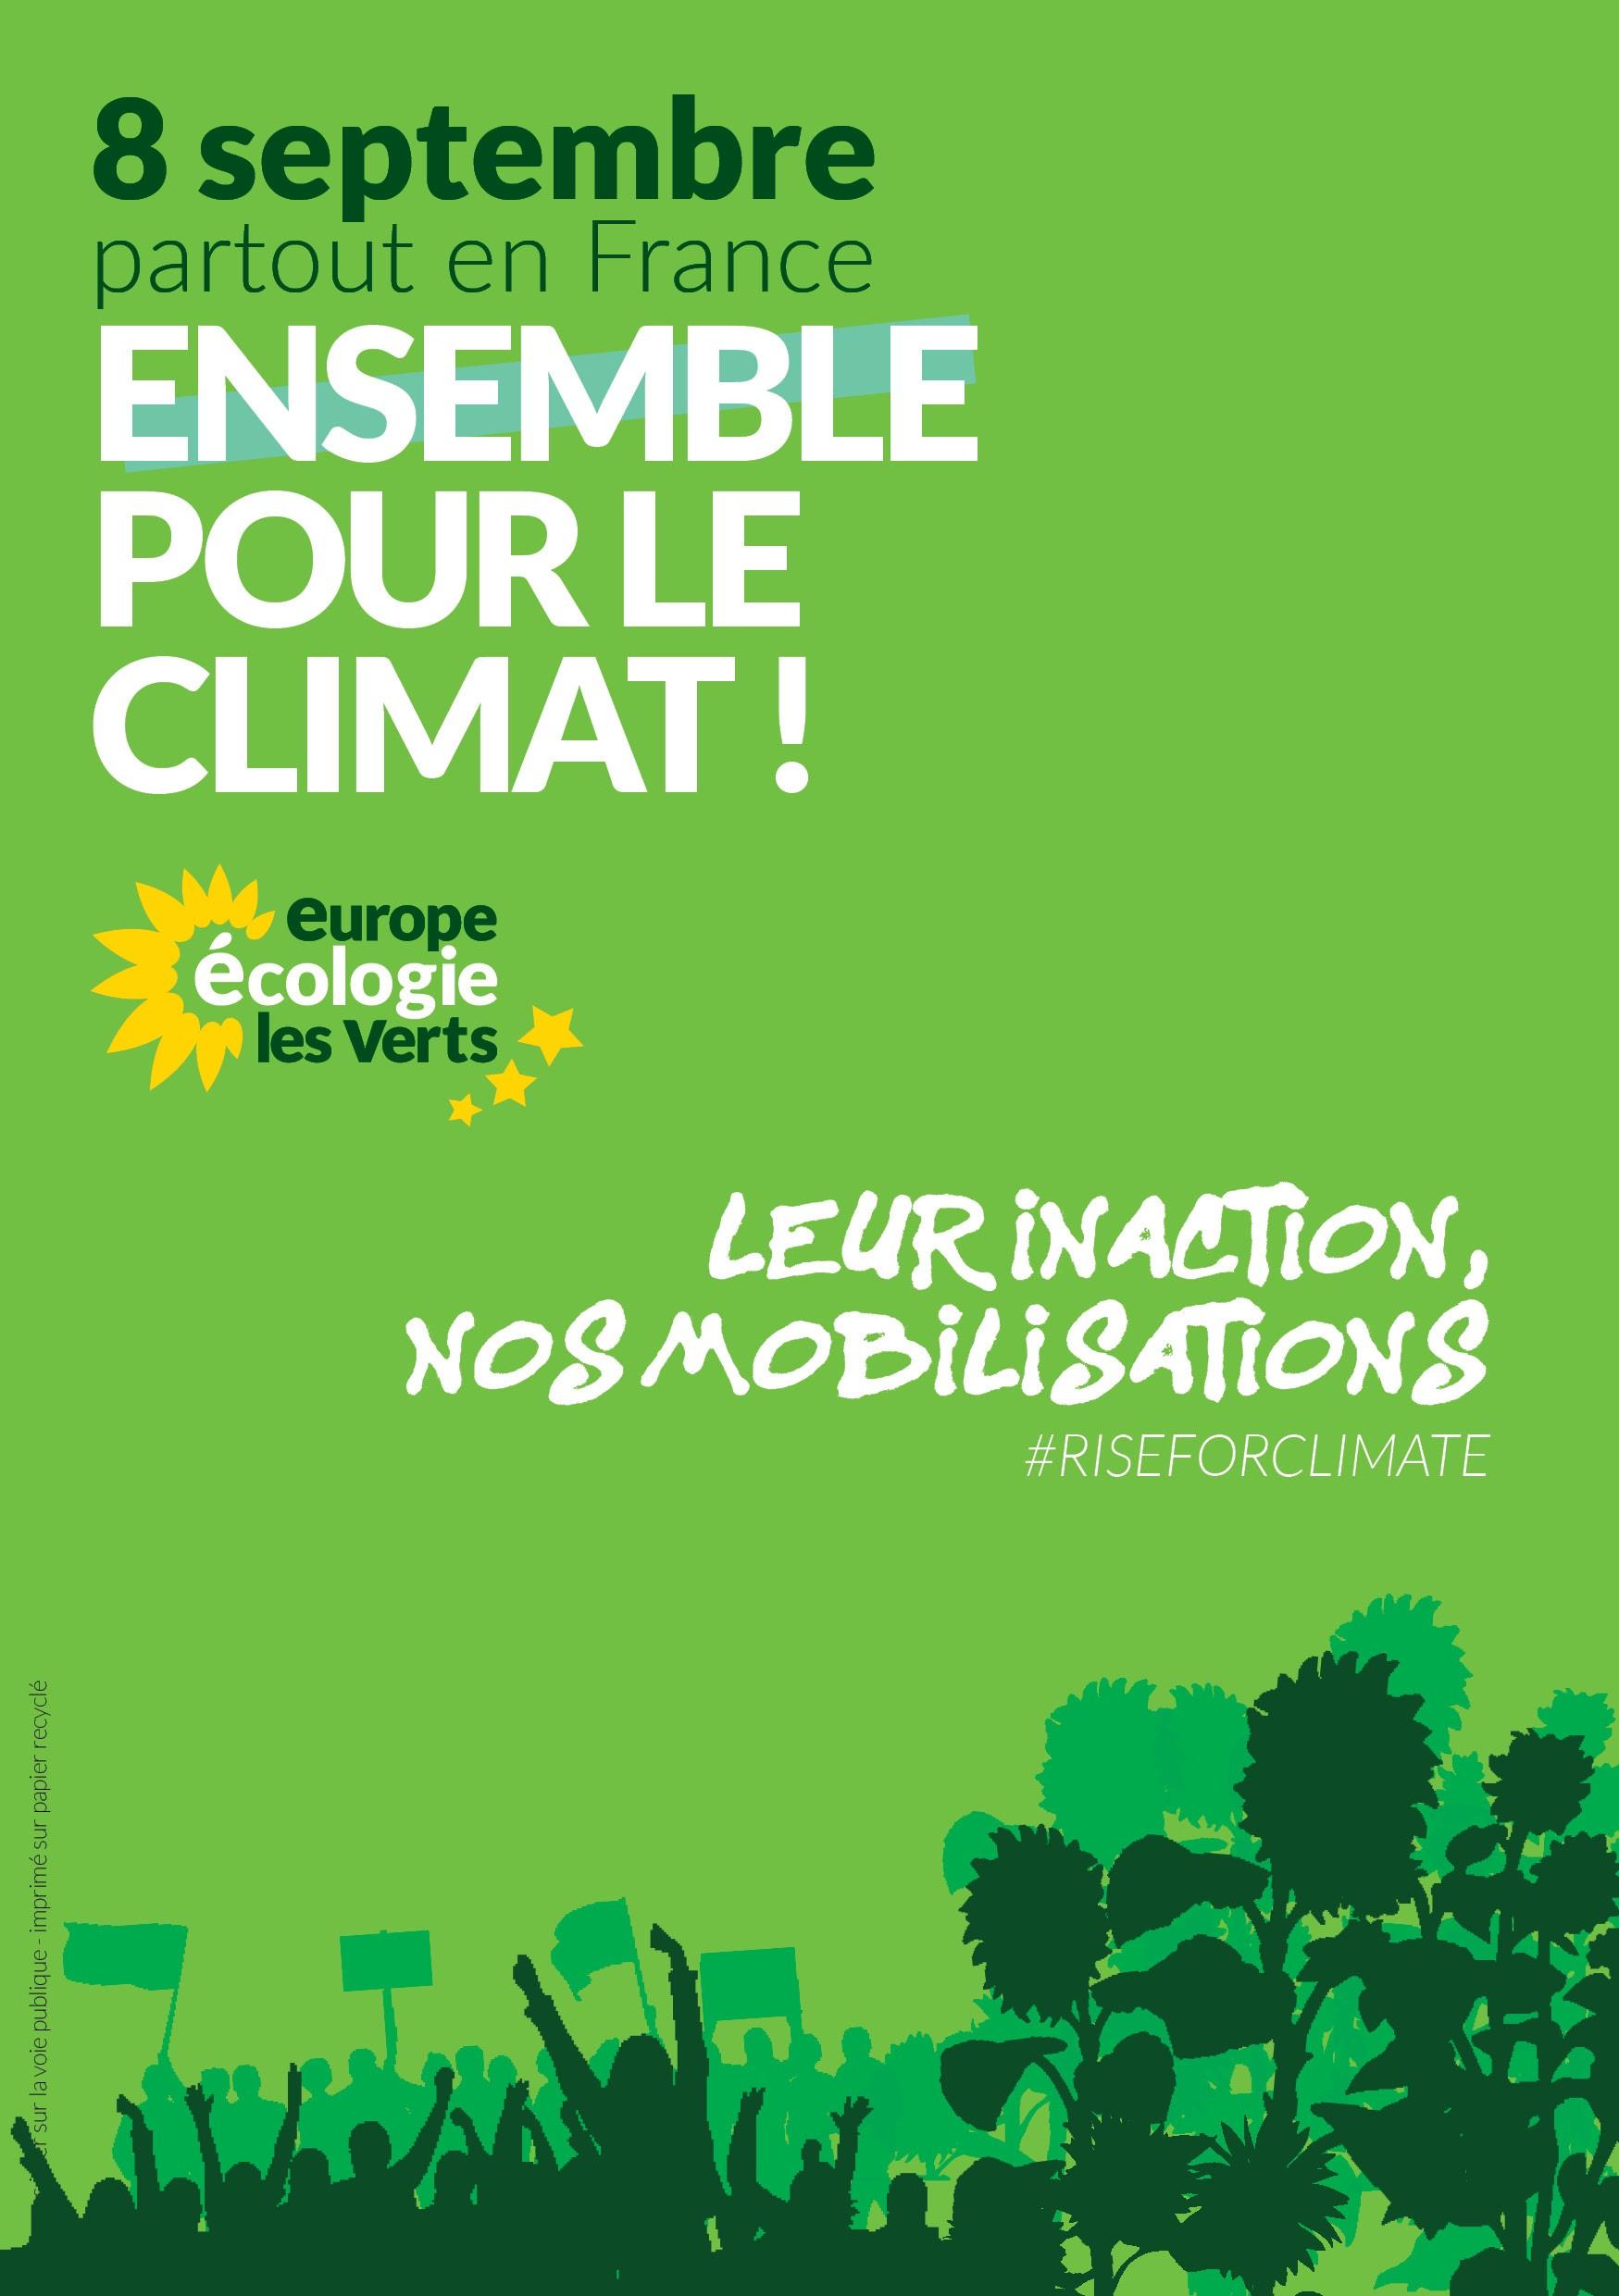 Marche pour le climat : 8 septembre 18